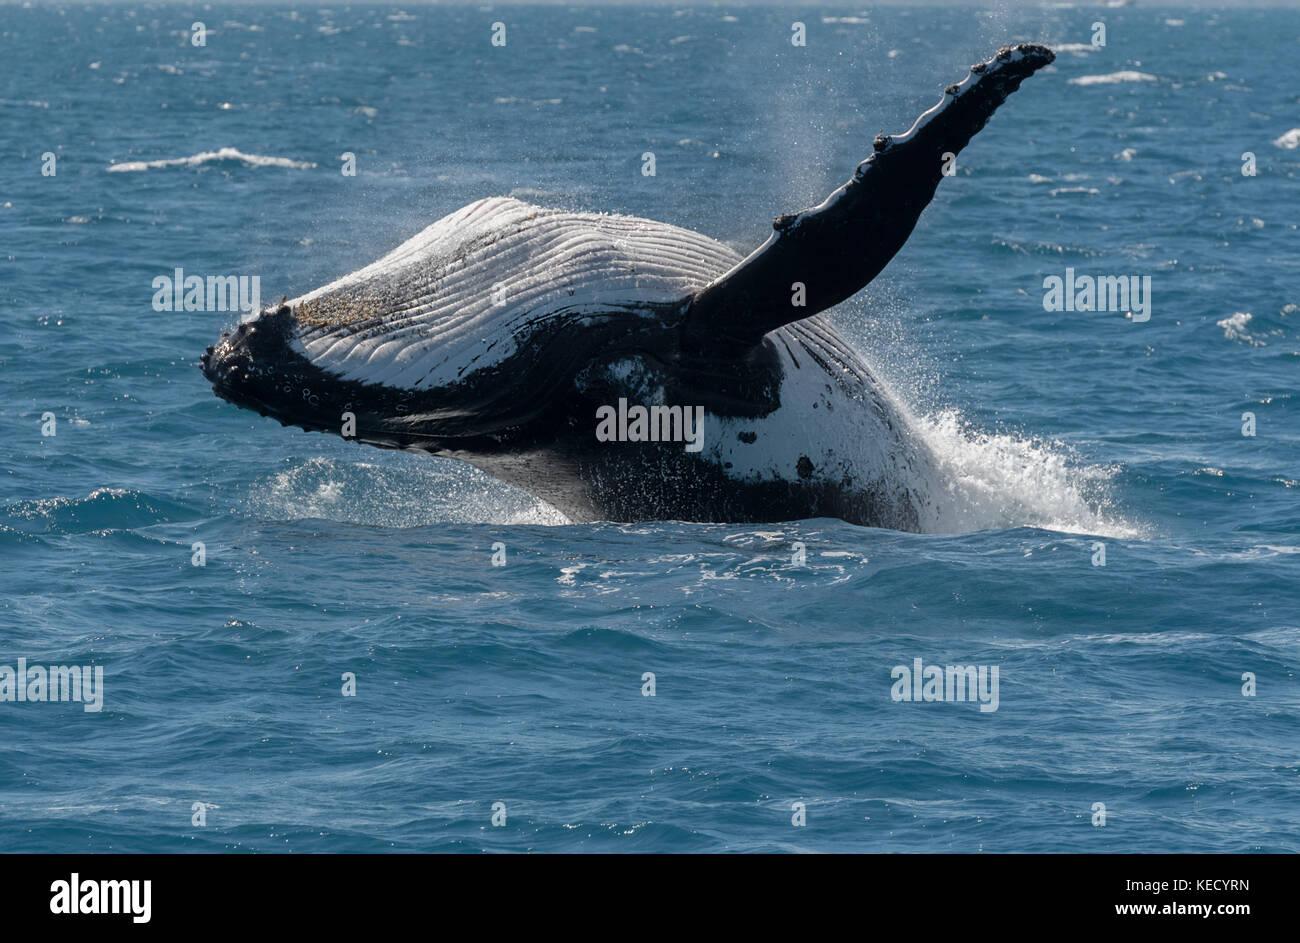 Baleine à bosse (Megaptera novaeangliae) enfreindre à Hervey Bay, Queensland, la capitale de l'observation des baleines en Australie. Banque D'Images